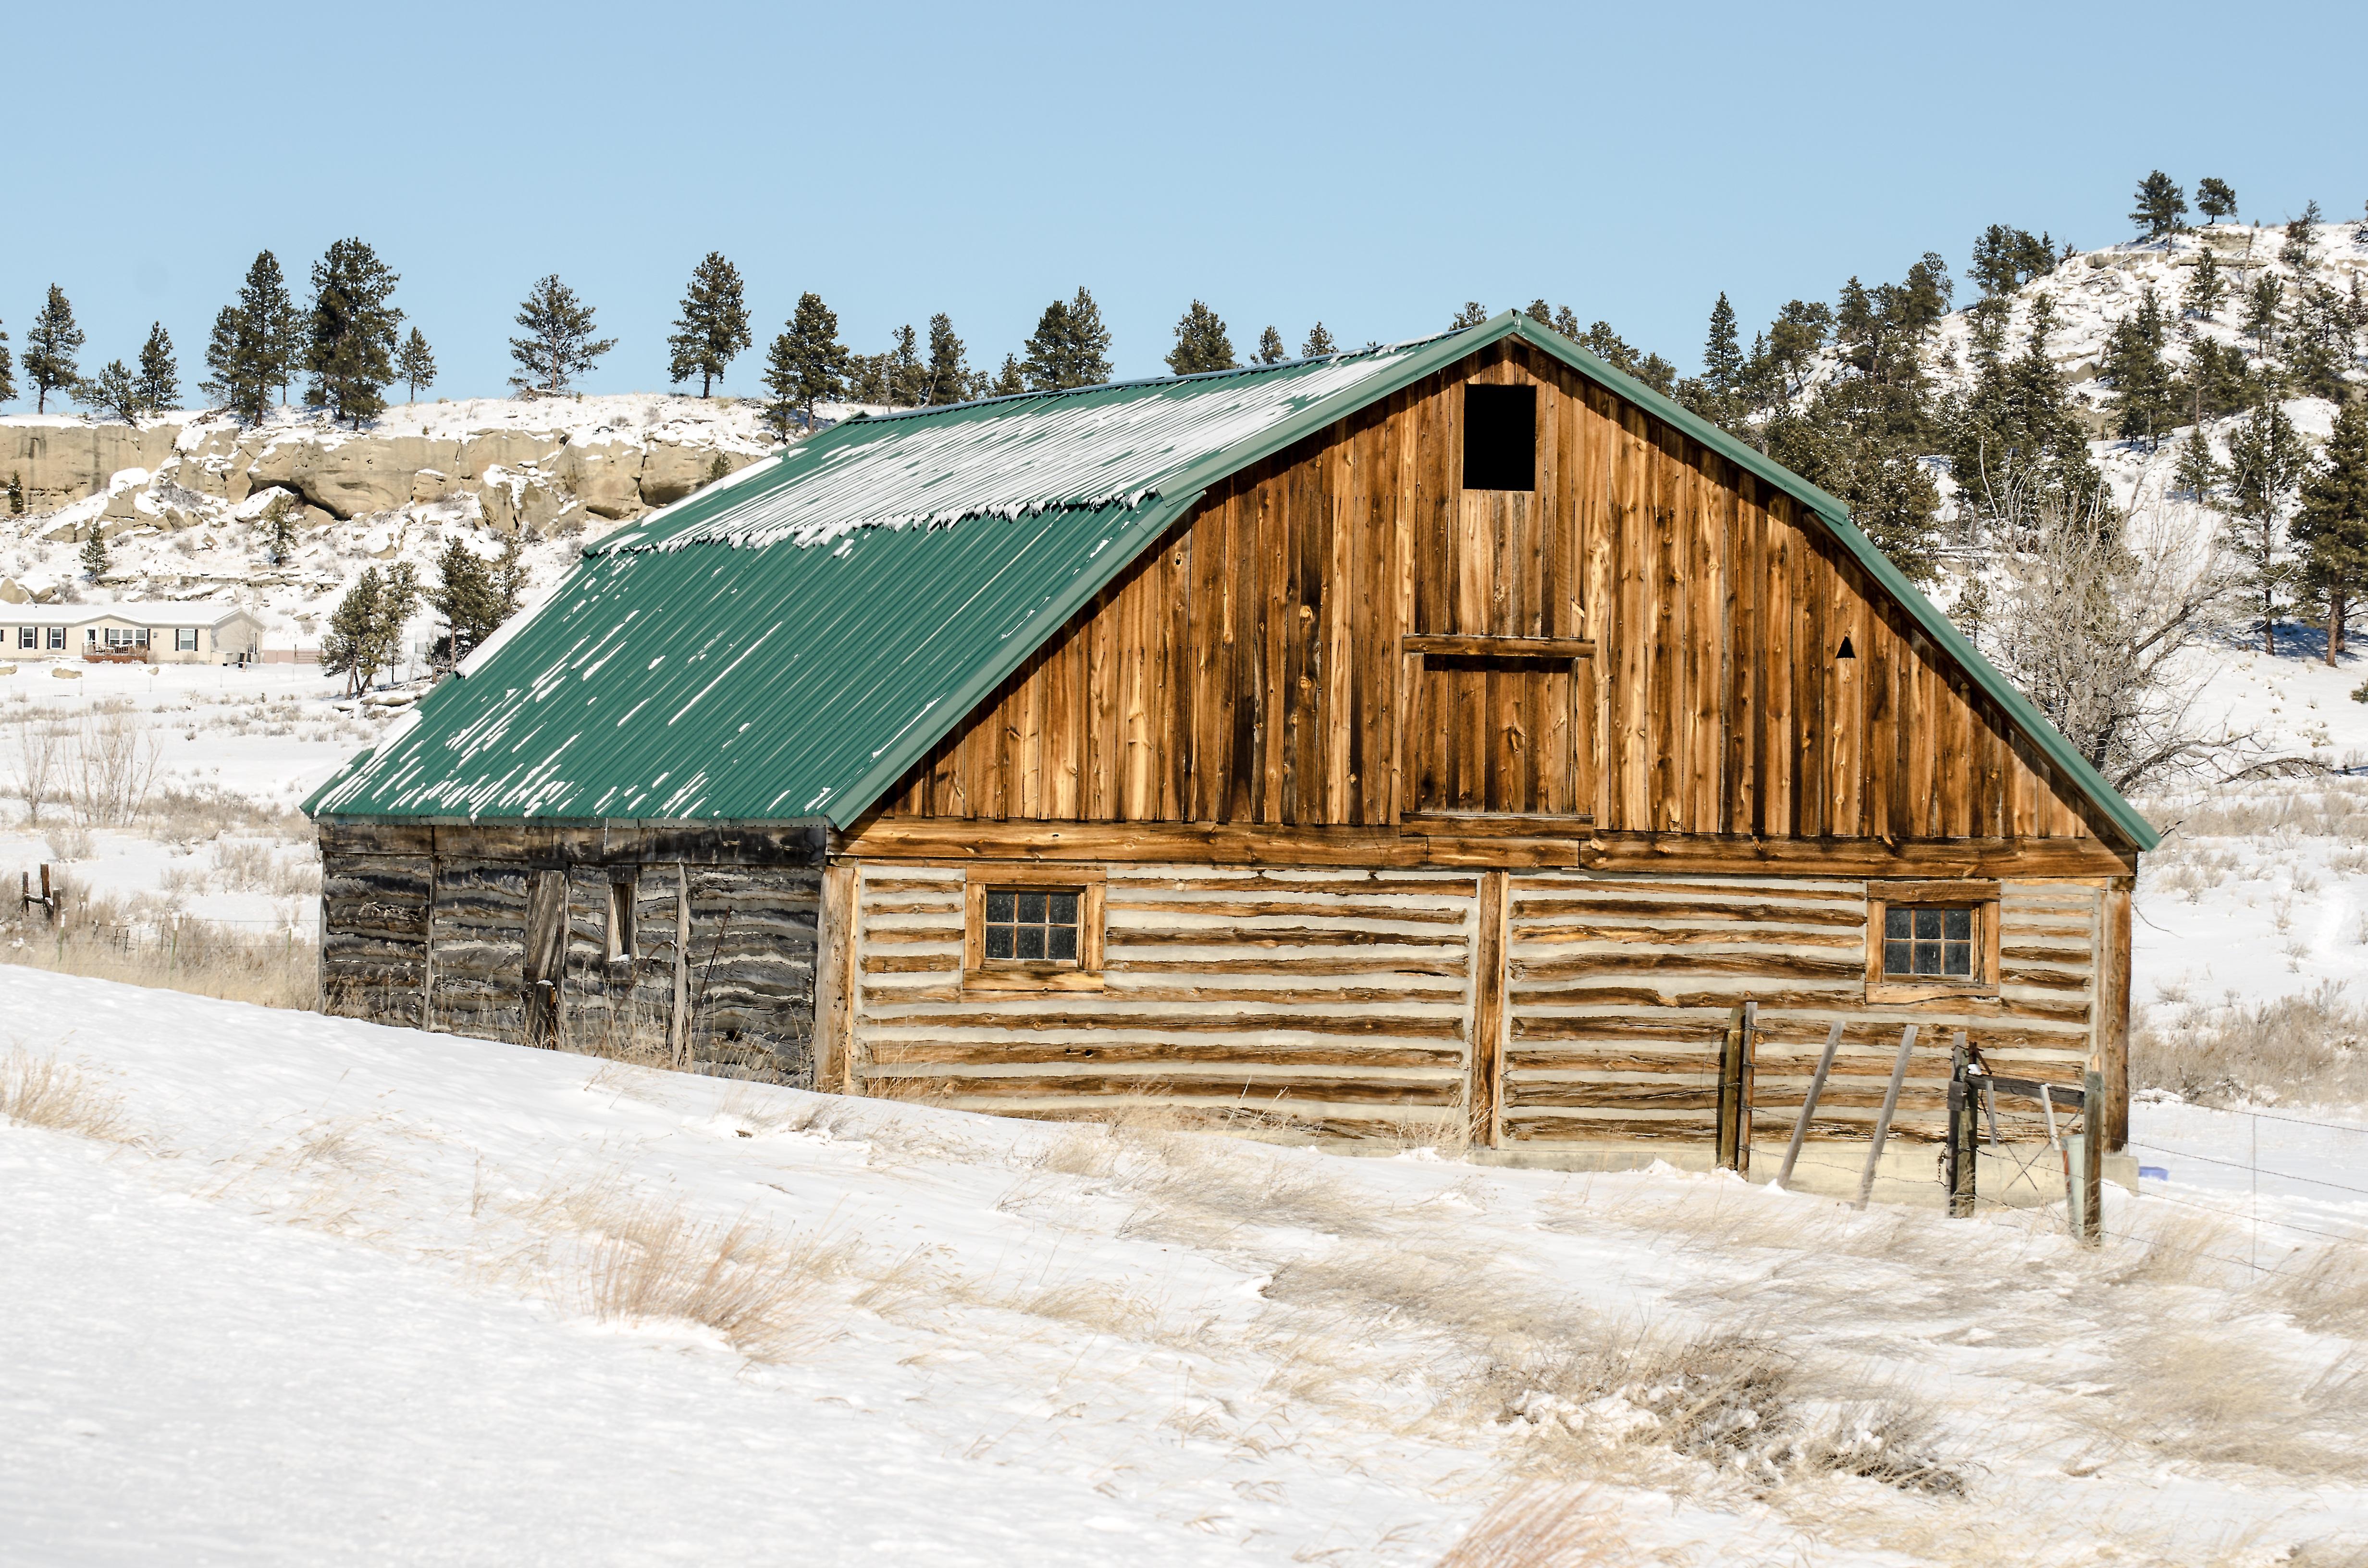 Free Images Landscape Snow Winter Architecture Farm